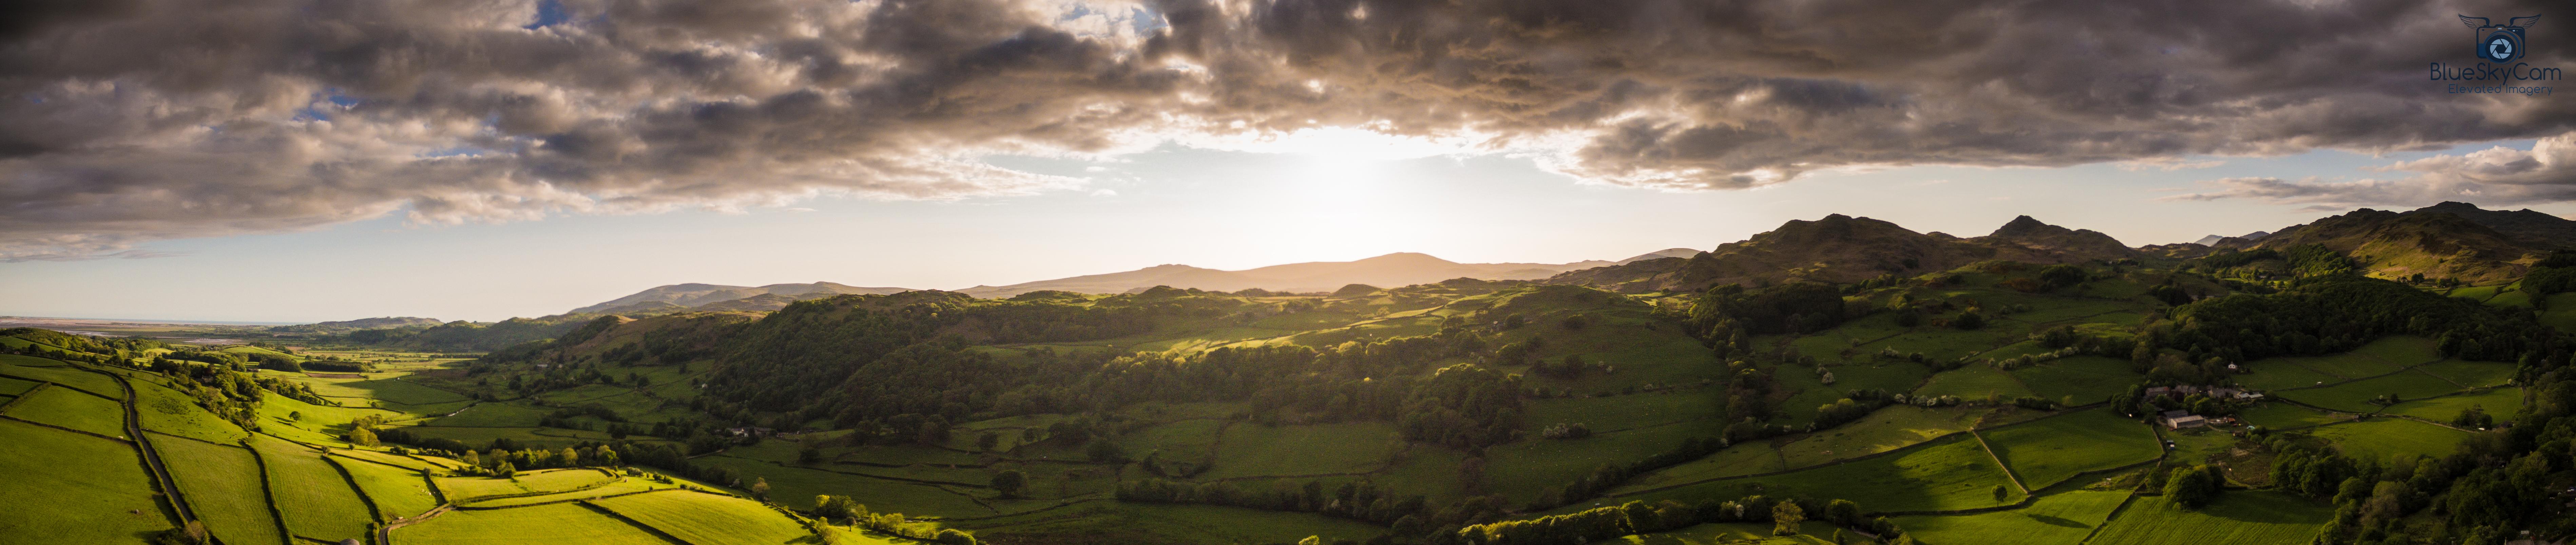 Lake District pano